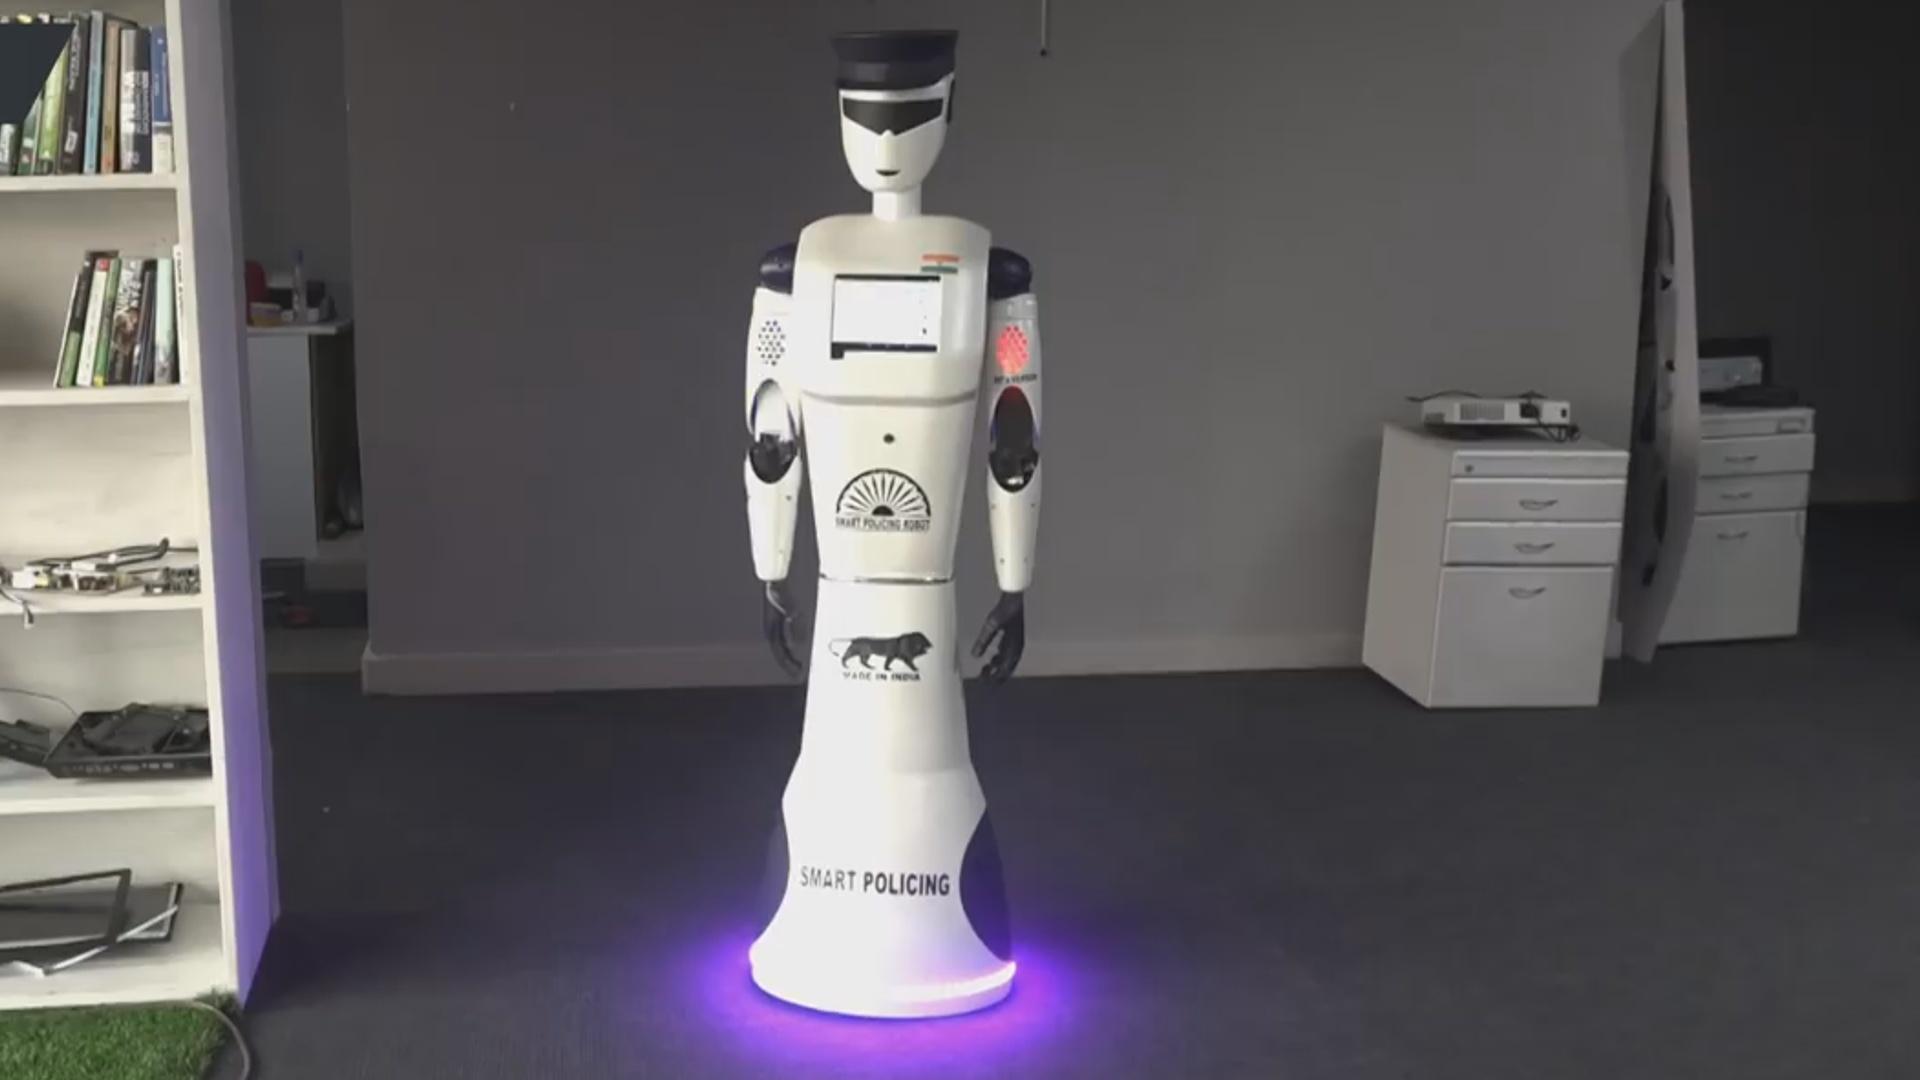 Hindistanda dünyanın ilk robot polisi təqdim edilib